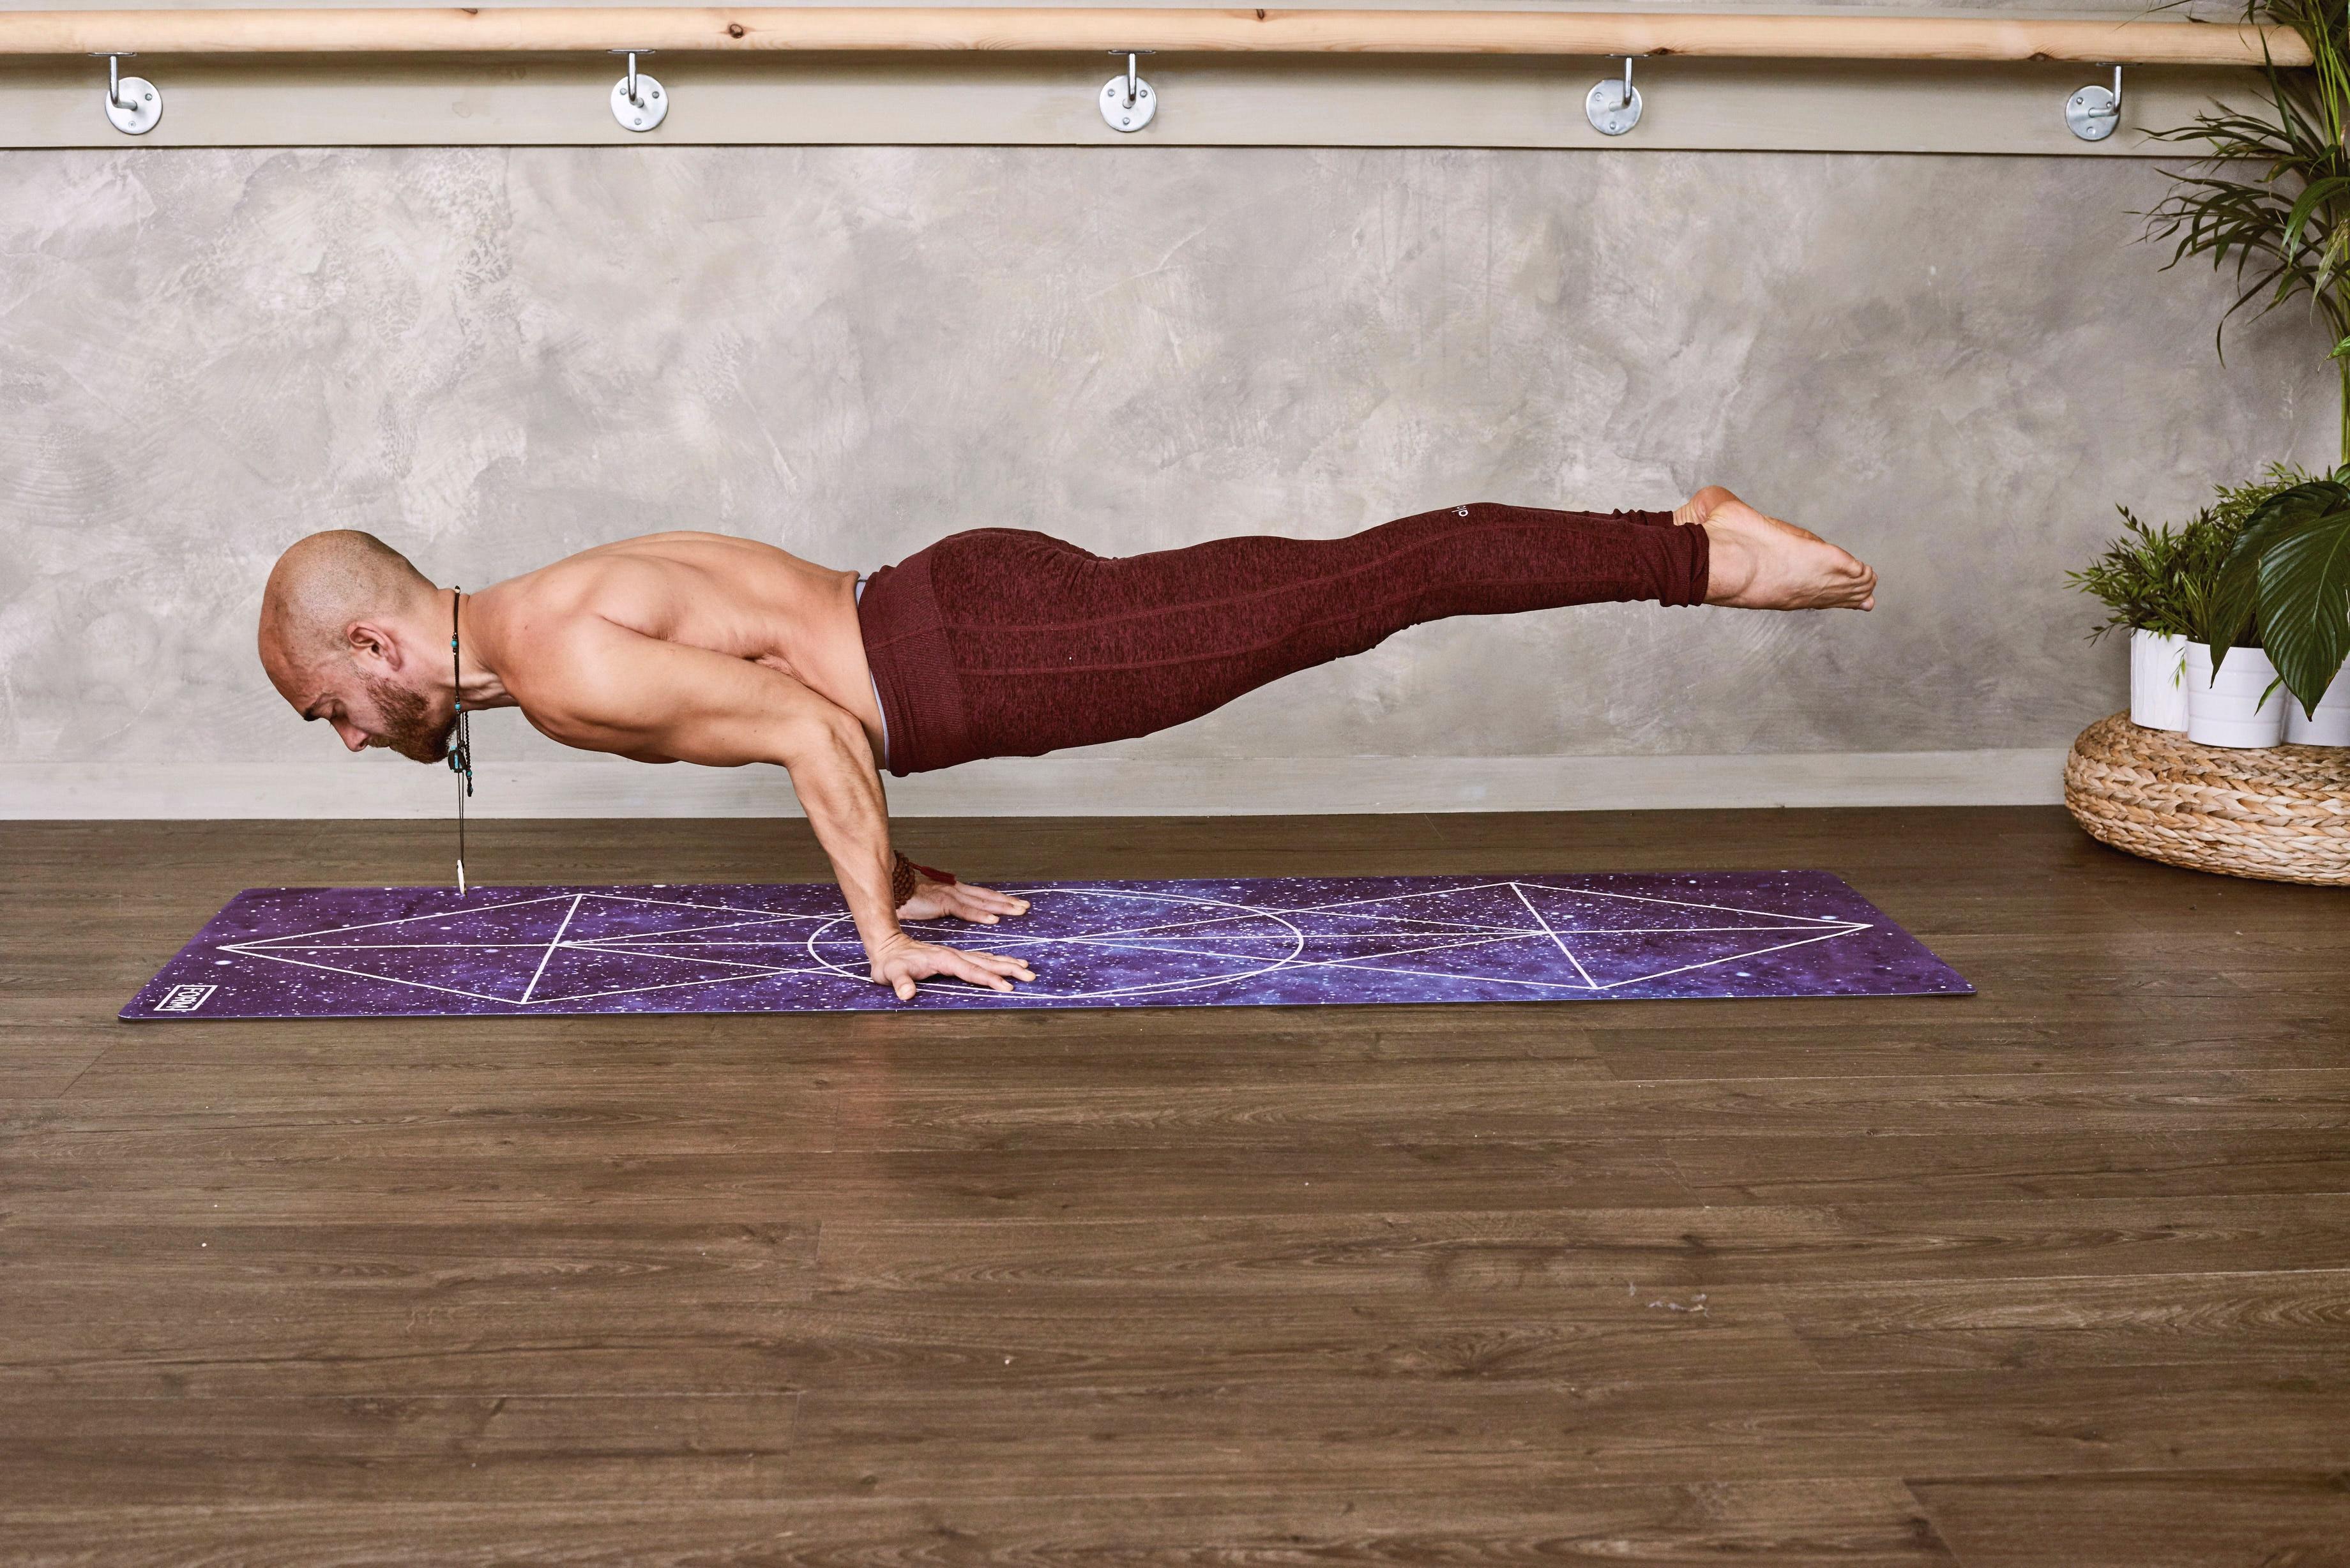 Images Gratuites Forme Physique Tapis De Yoga Bras Epaule Mixte Jambe Planche Exercice Etirage Appuyer Vers Le Haut Le Genou Corps Humain Muscle Sol Poitrine Equilibre Tronc Tenue De Sport Abdomen